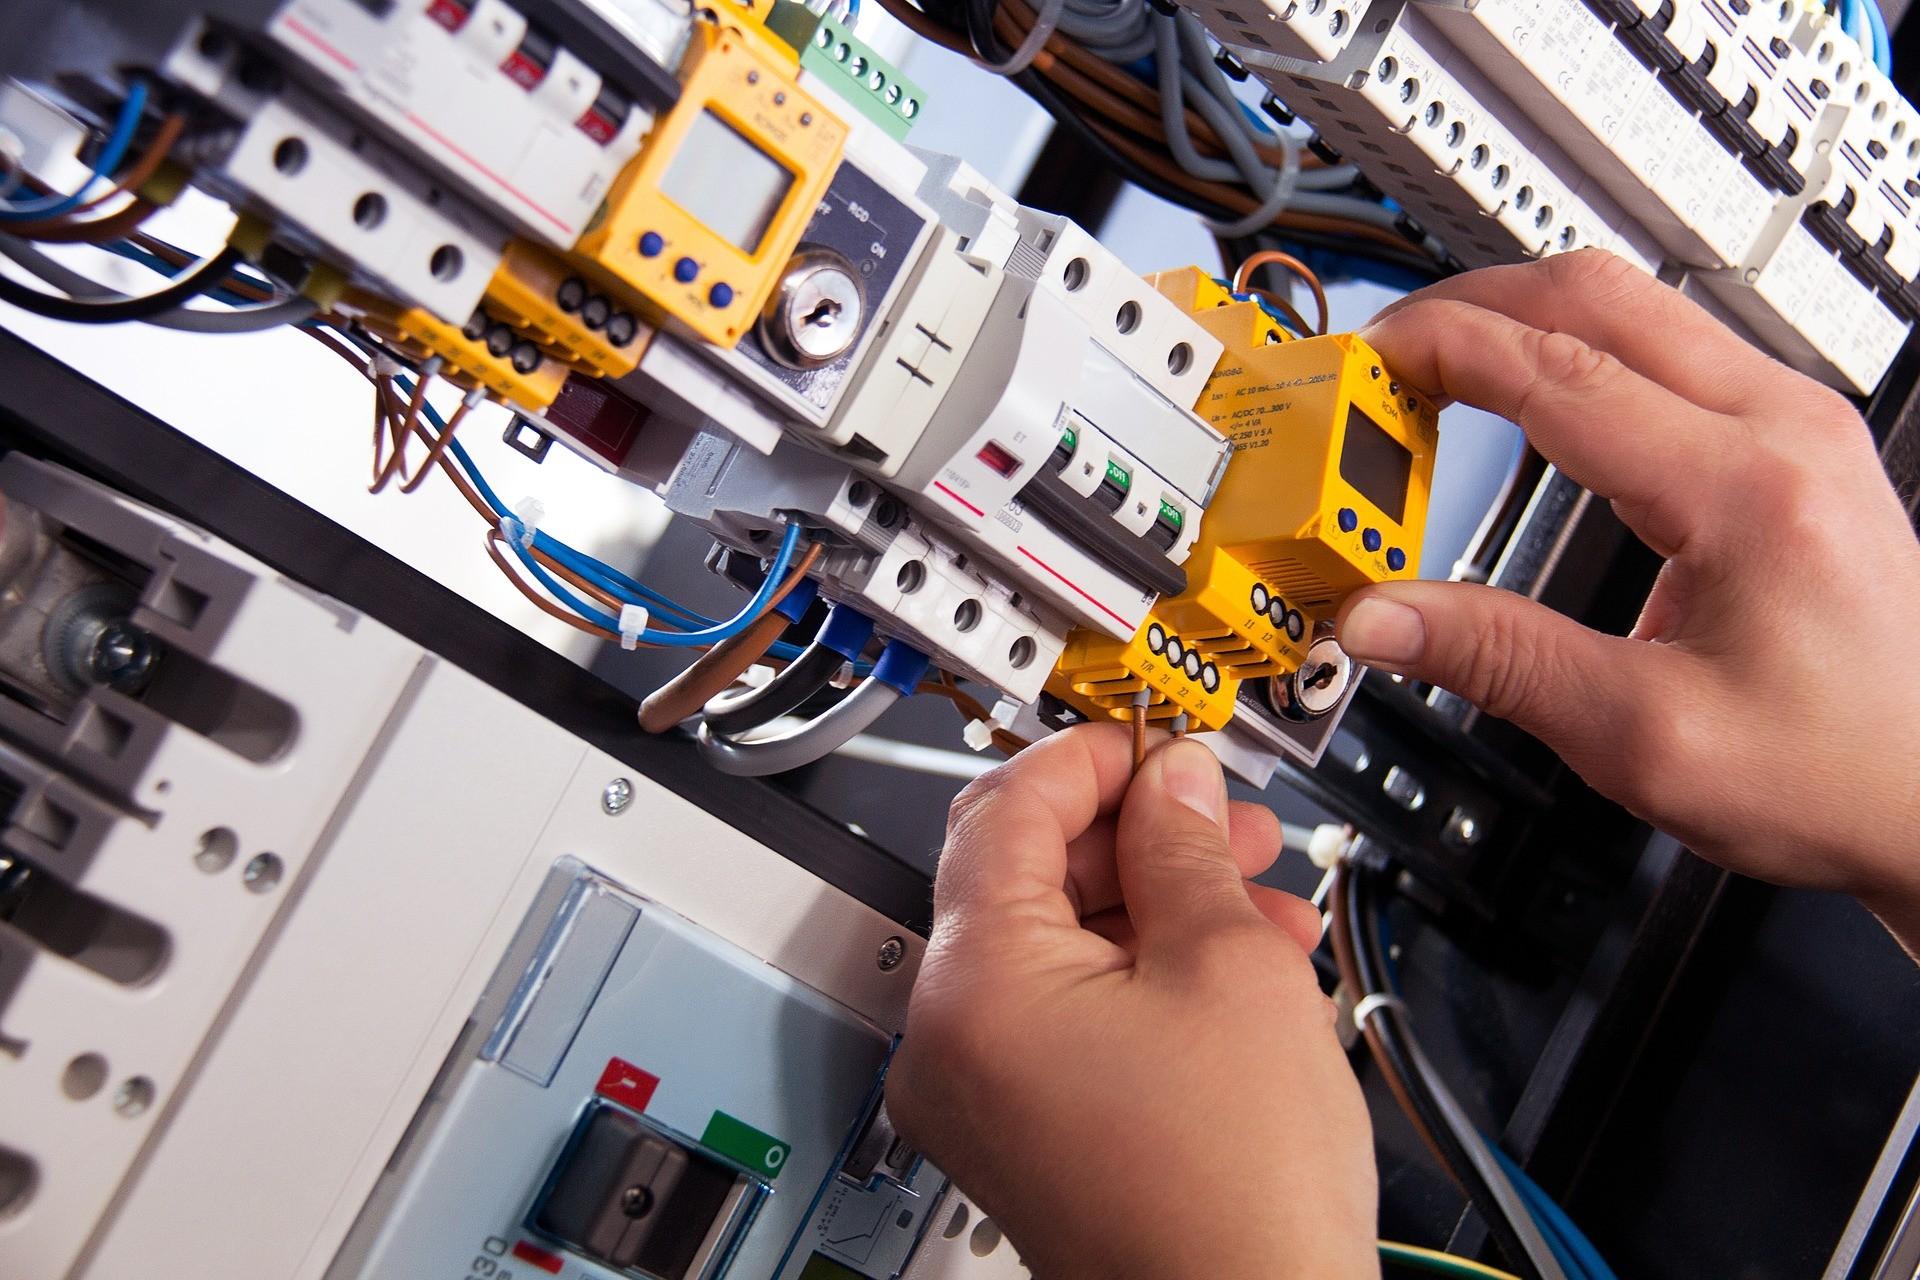 Desarrollo de proyectos de redes eléctricas de baja tensión   Curso para desemplead@s   GRATUITO